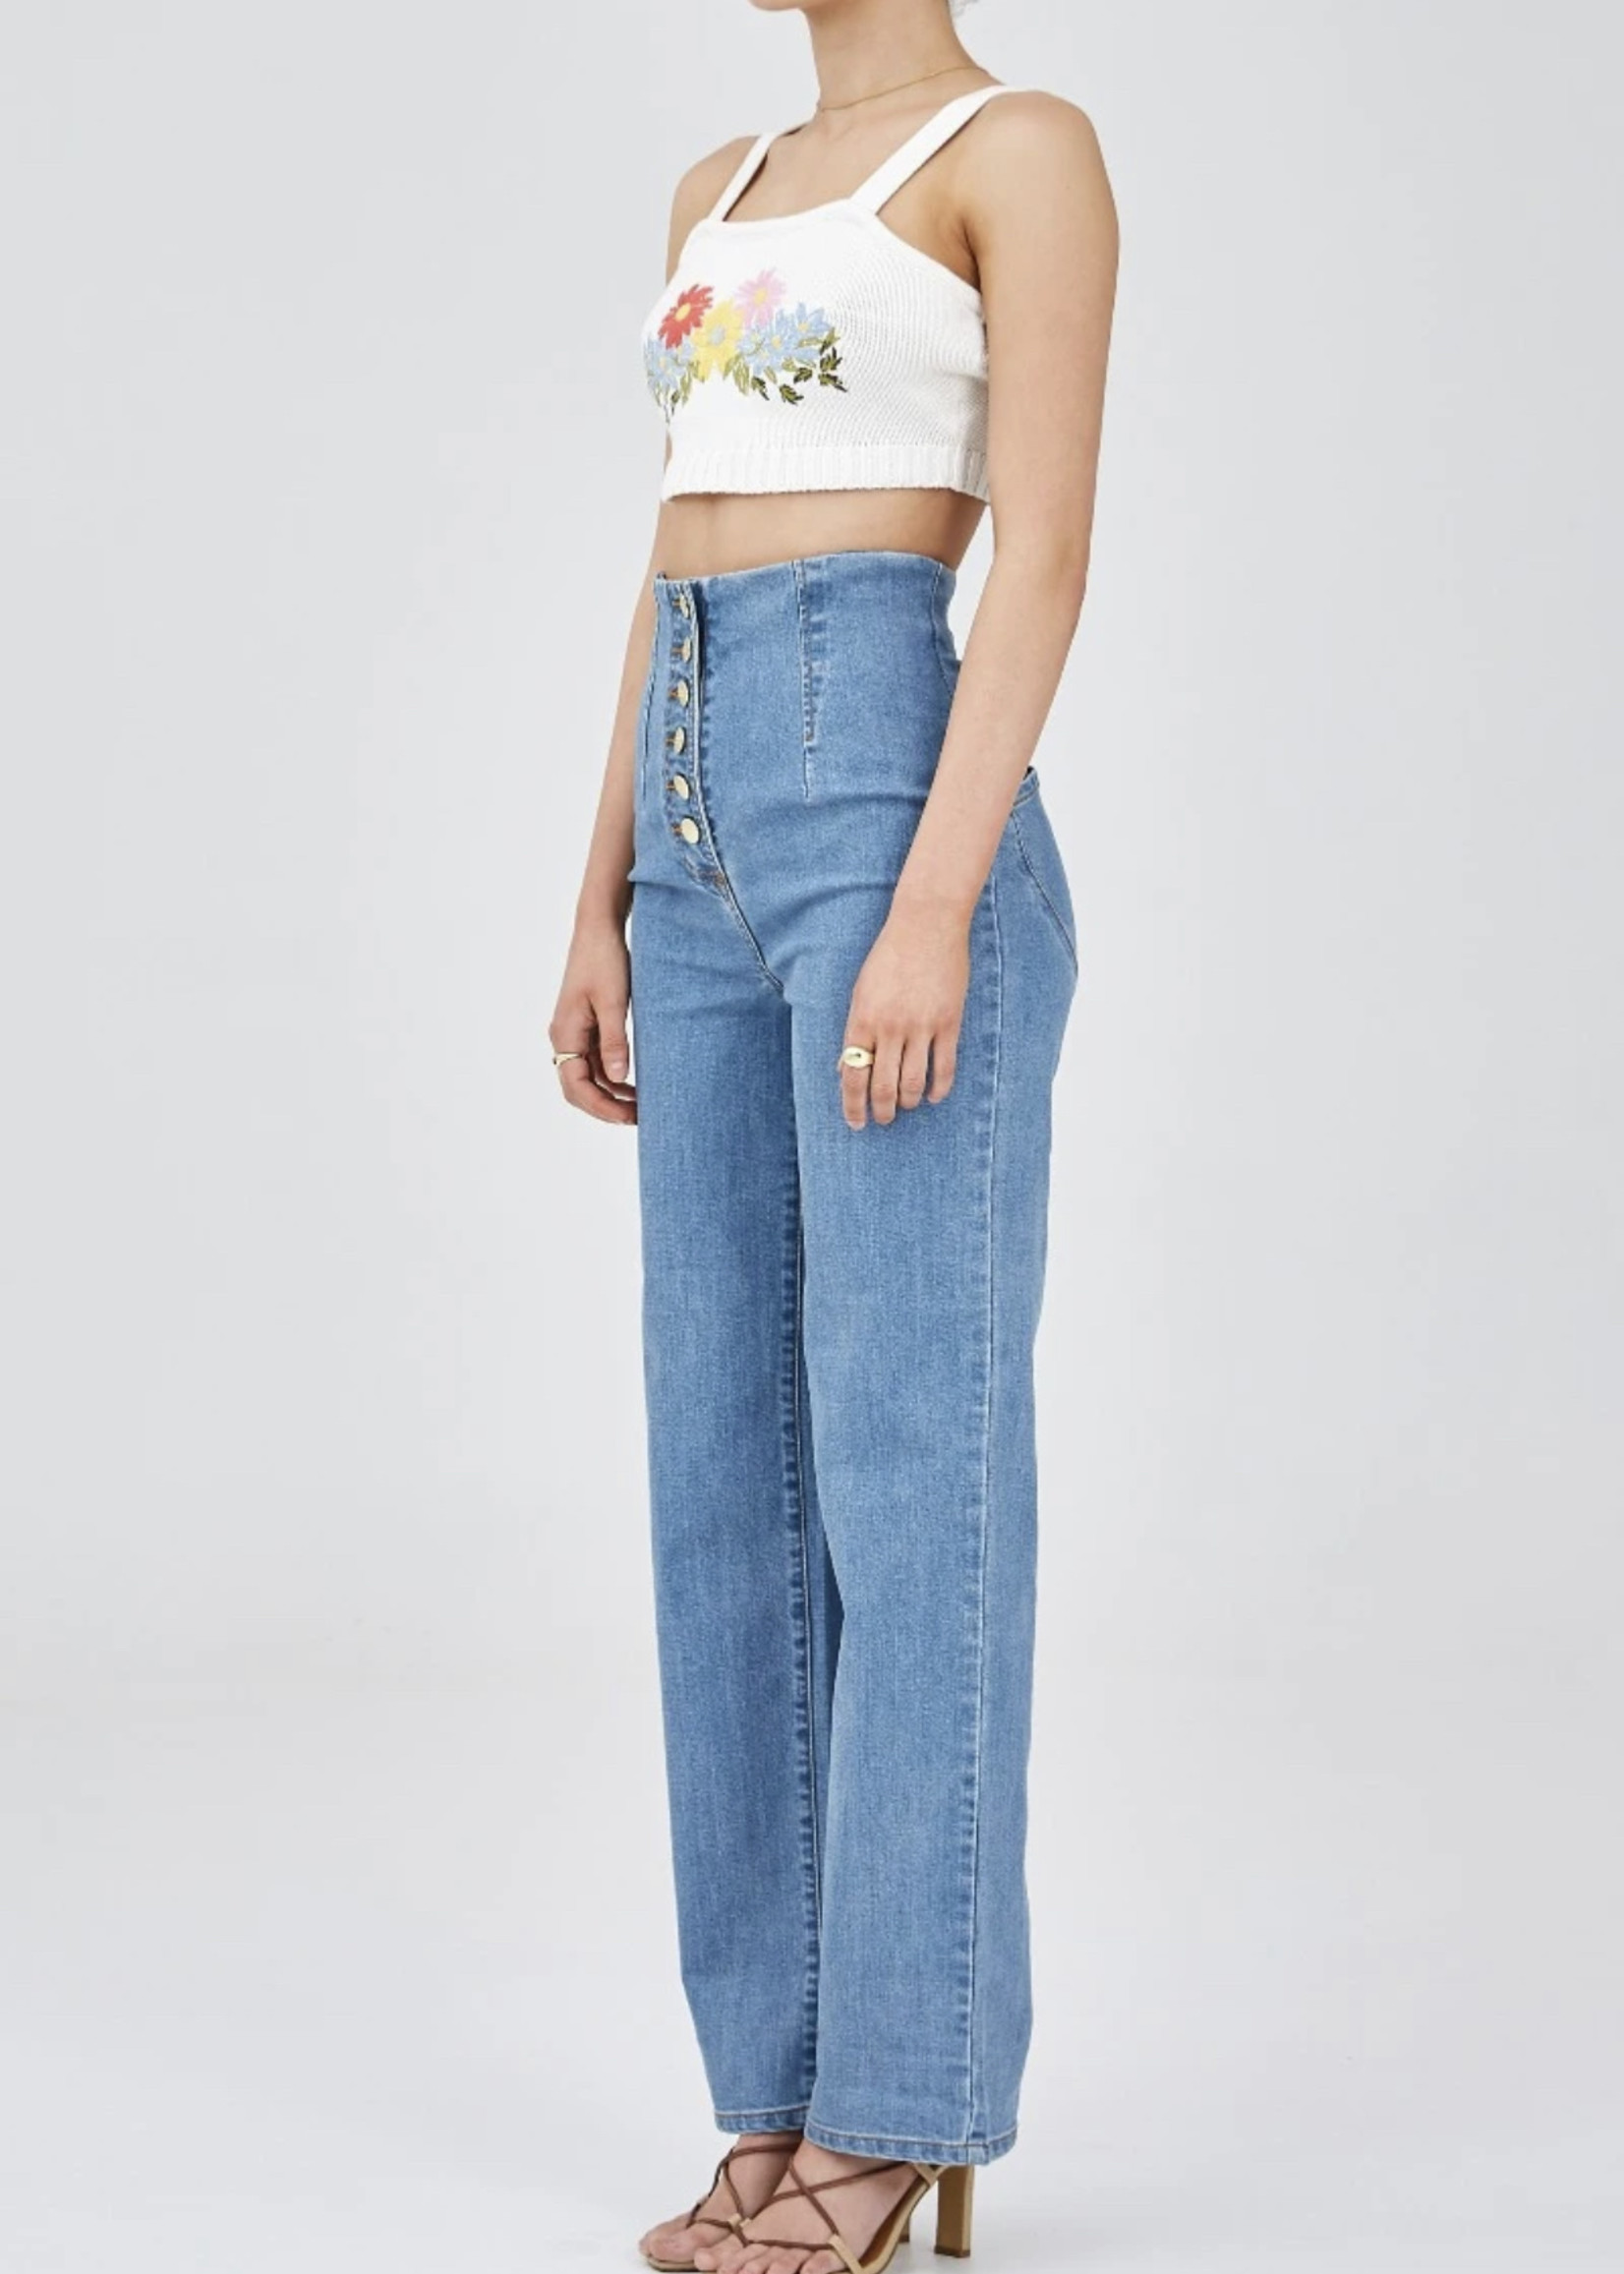 Elitaire Boutique Camelia Knit Top